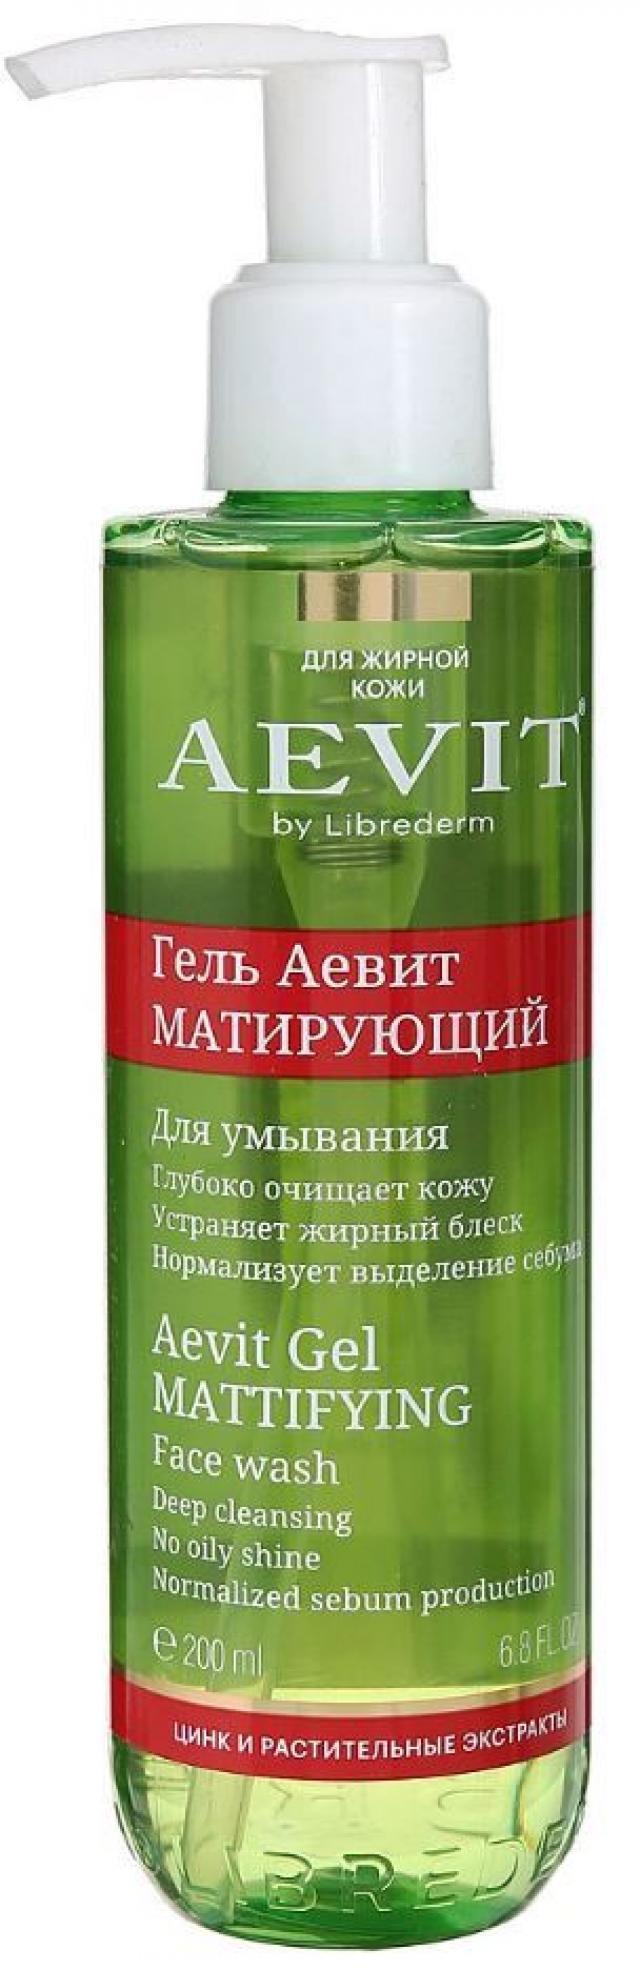 Либридерм гель для умывания Аевит матирующий 200мл купить в Москве по цене от 232 рублей